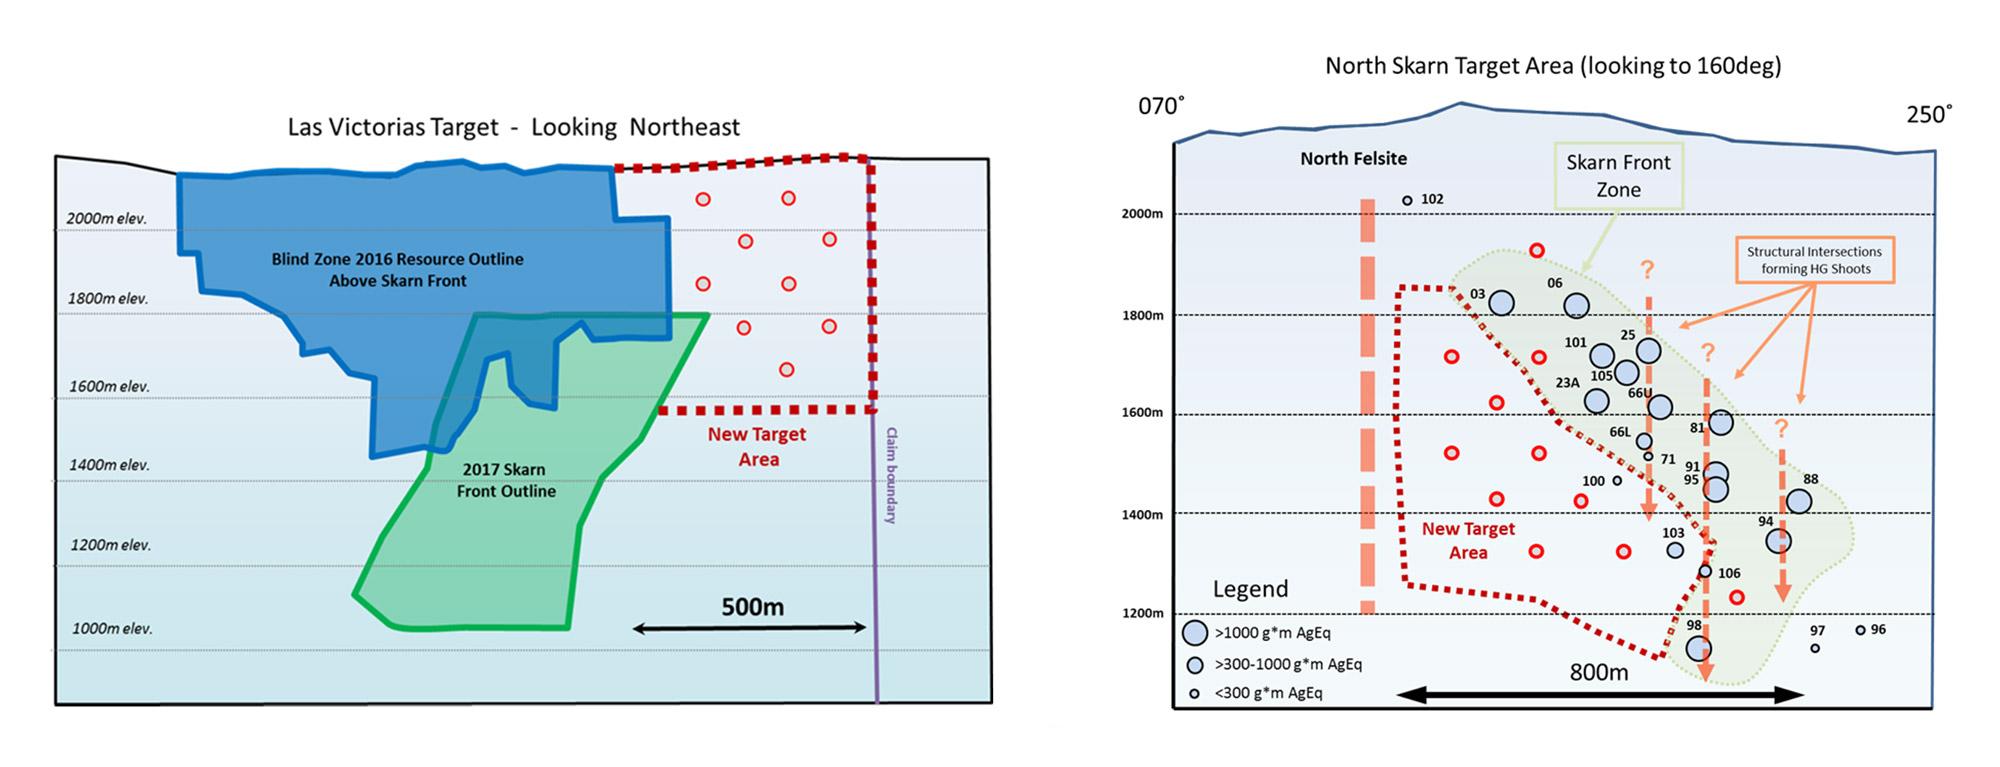 Cerro Las Minitas: Primary Target Areas – Las Victorias and North Skarn